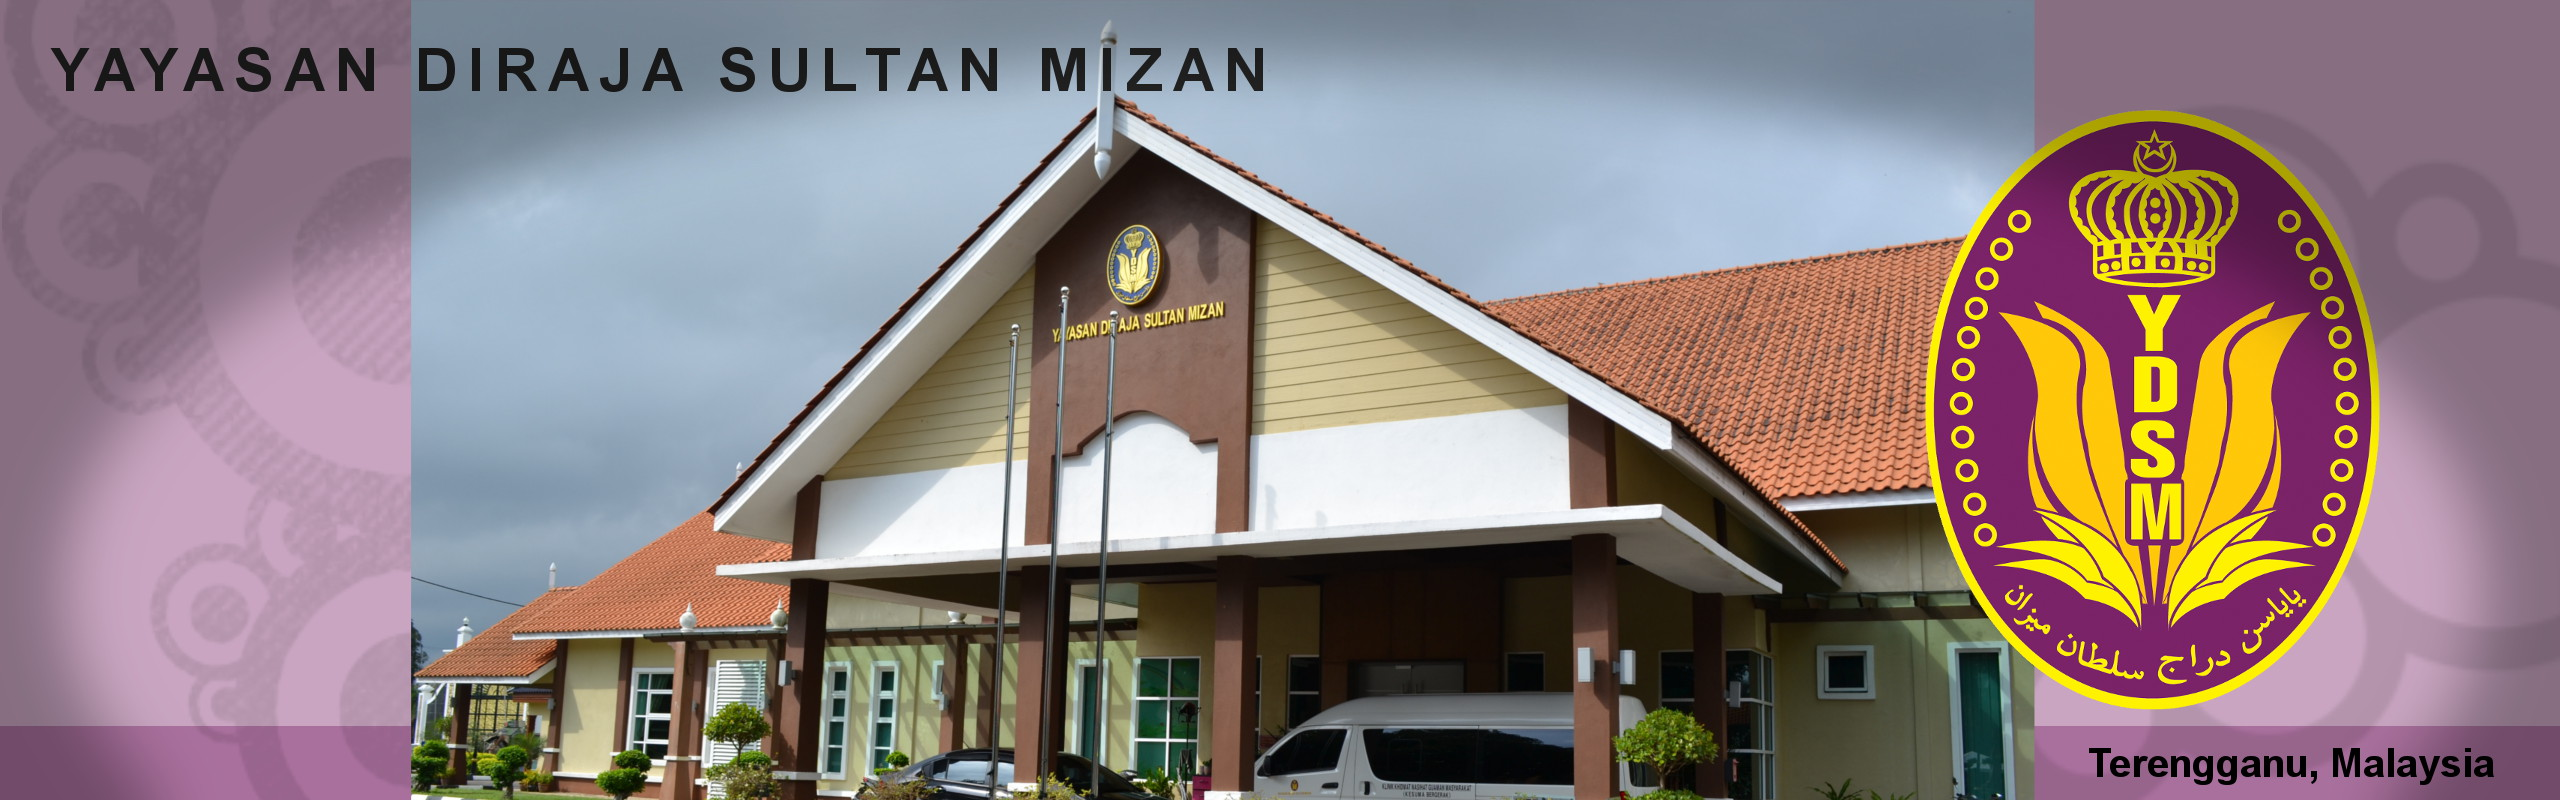 Yayasan Diraja Sultan Mizan Raja Dan Rakyat Berpisah Tiada